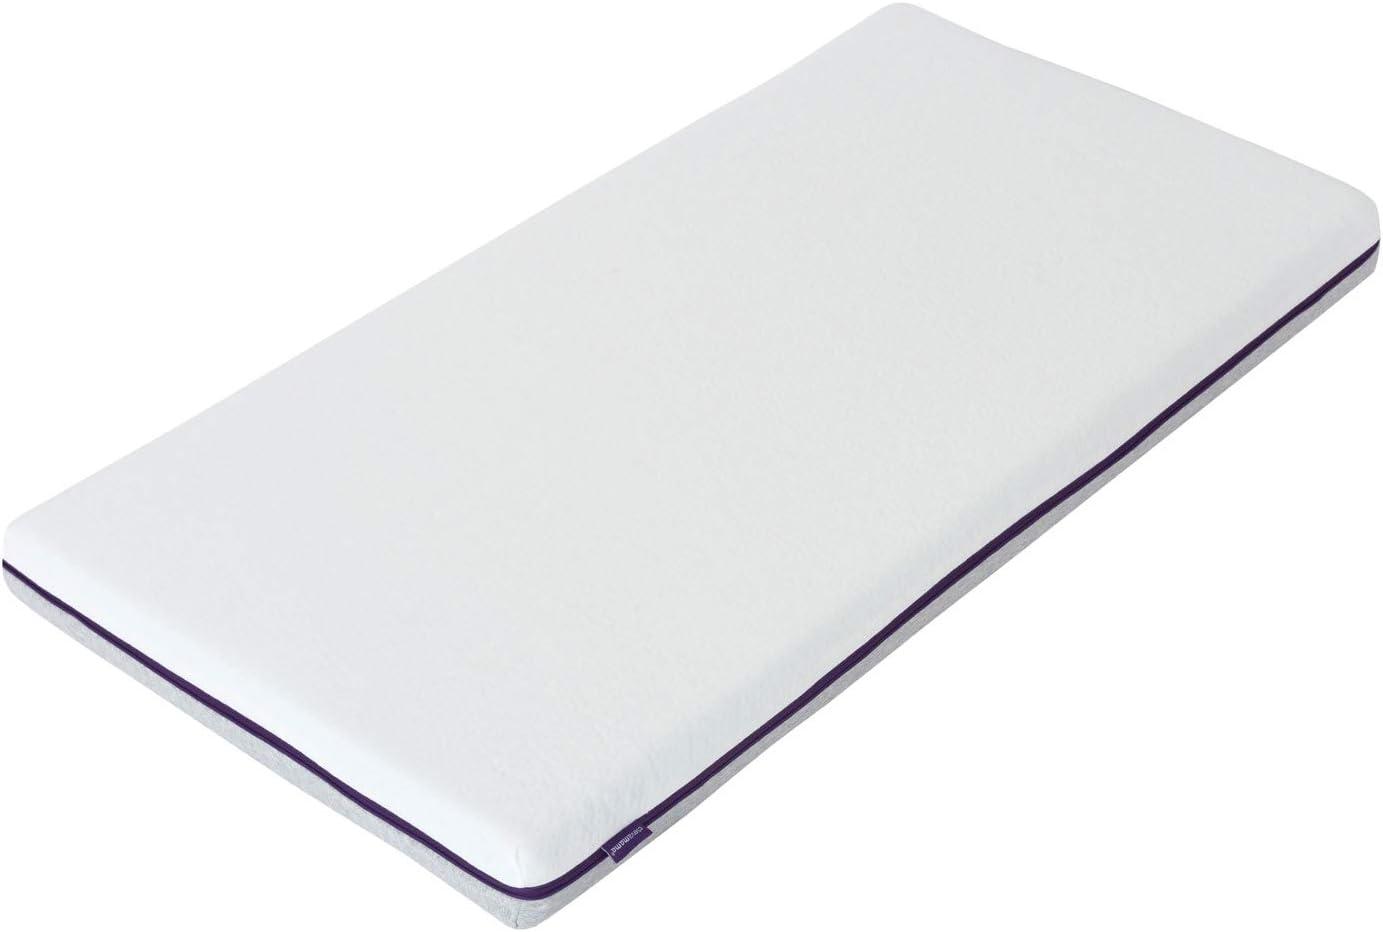 Clevamama 3117 - Colchón cunas bebés gel frio 60x120 cm